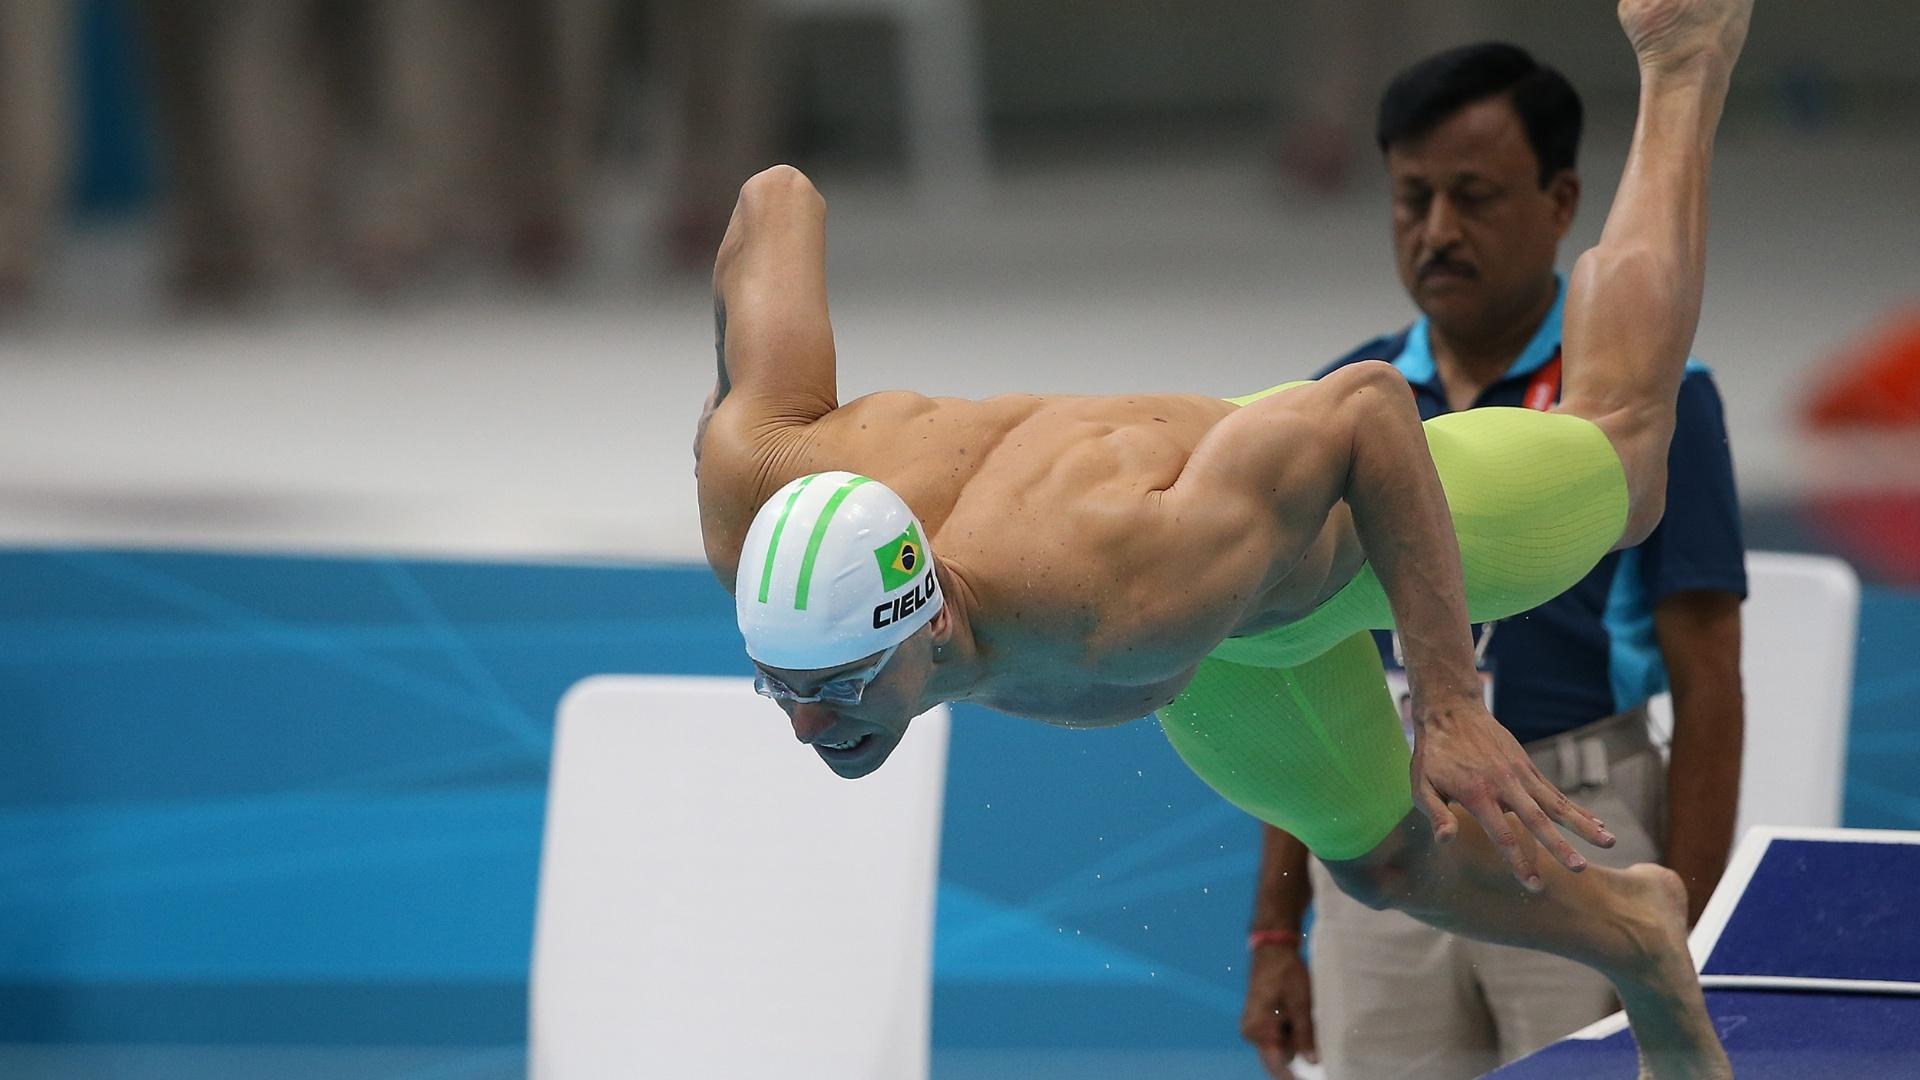 Cesar Cielo fez o décimo melhor tempo e avançou com tranquilidade à semifinal dos 100 m livre